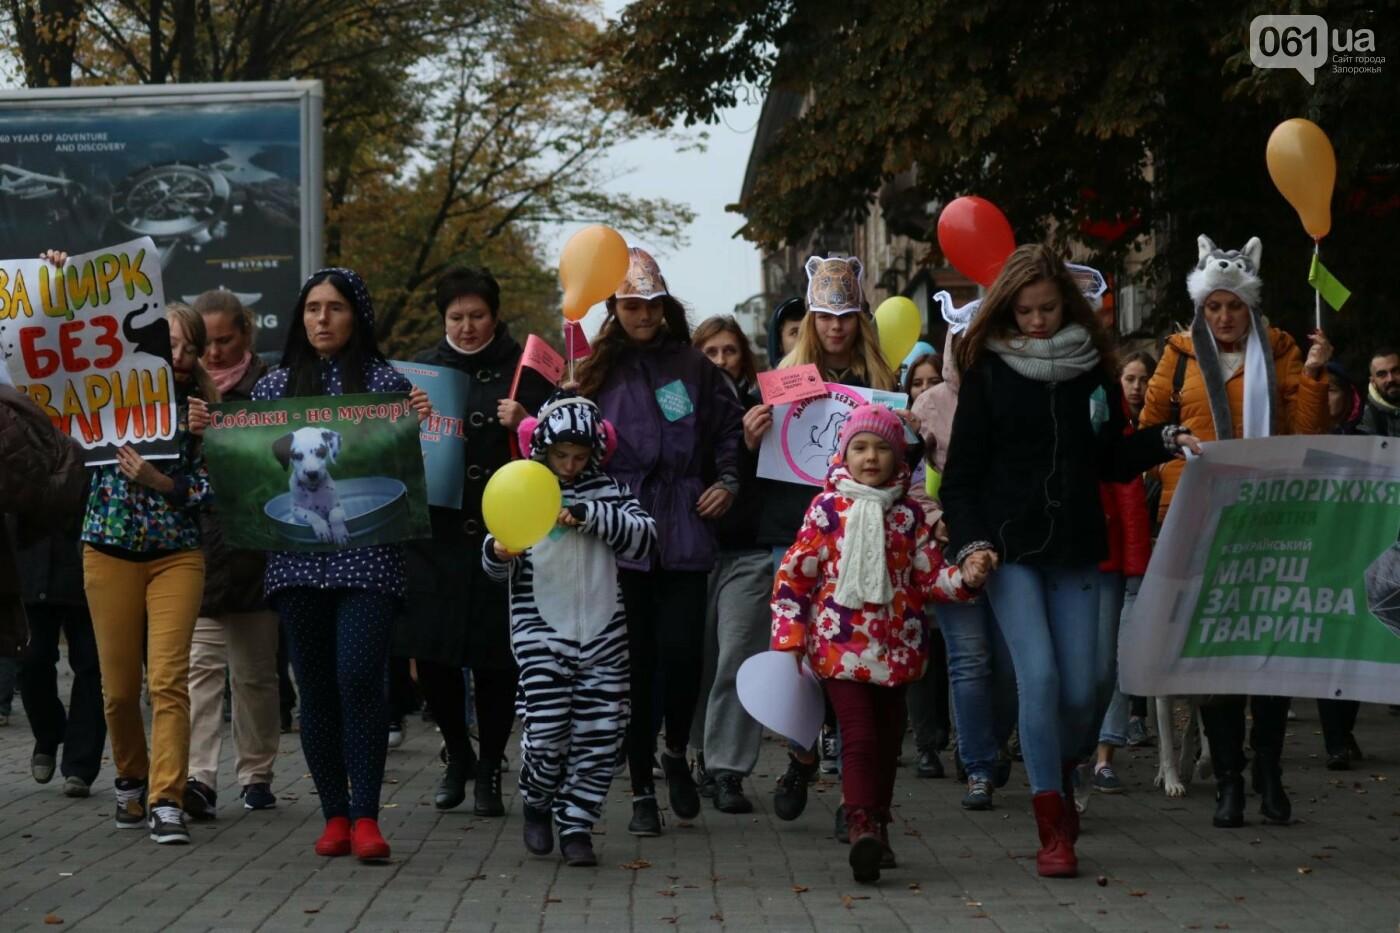 В Запорожье прошел марш за права животных, - ФОТОРЕПОРТАЖ, фото-20